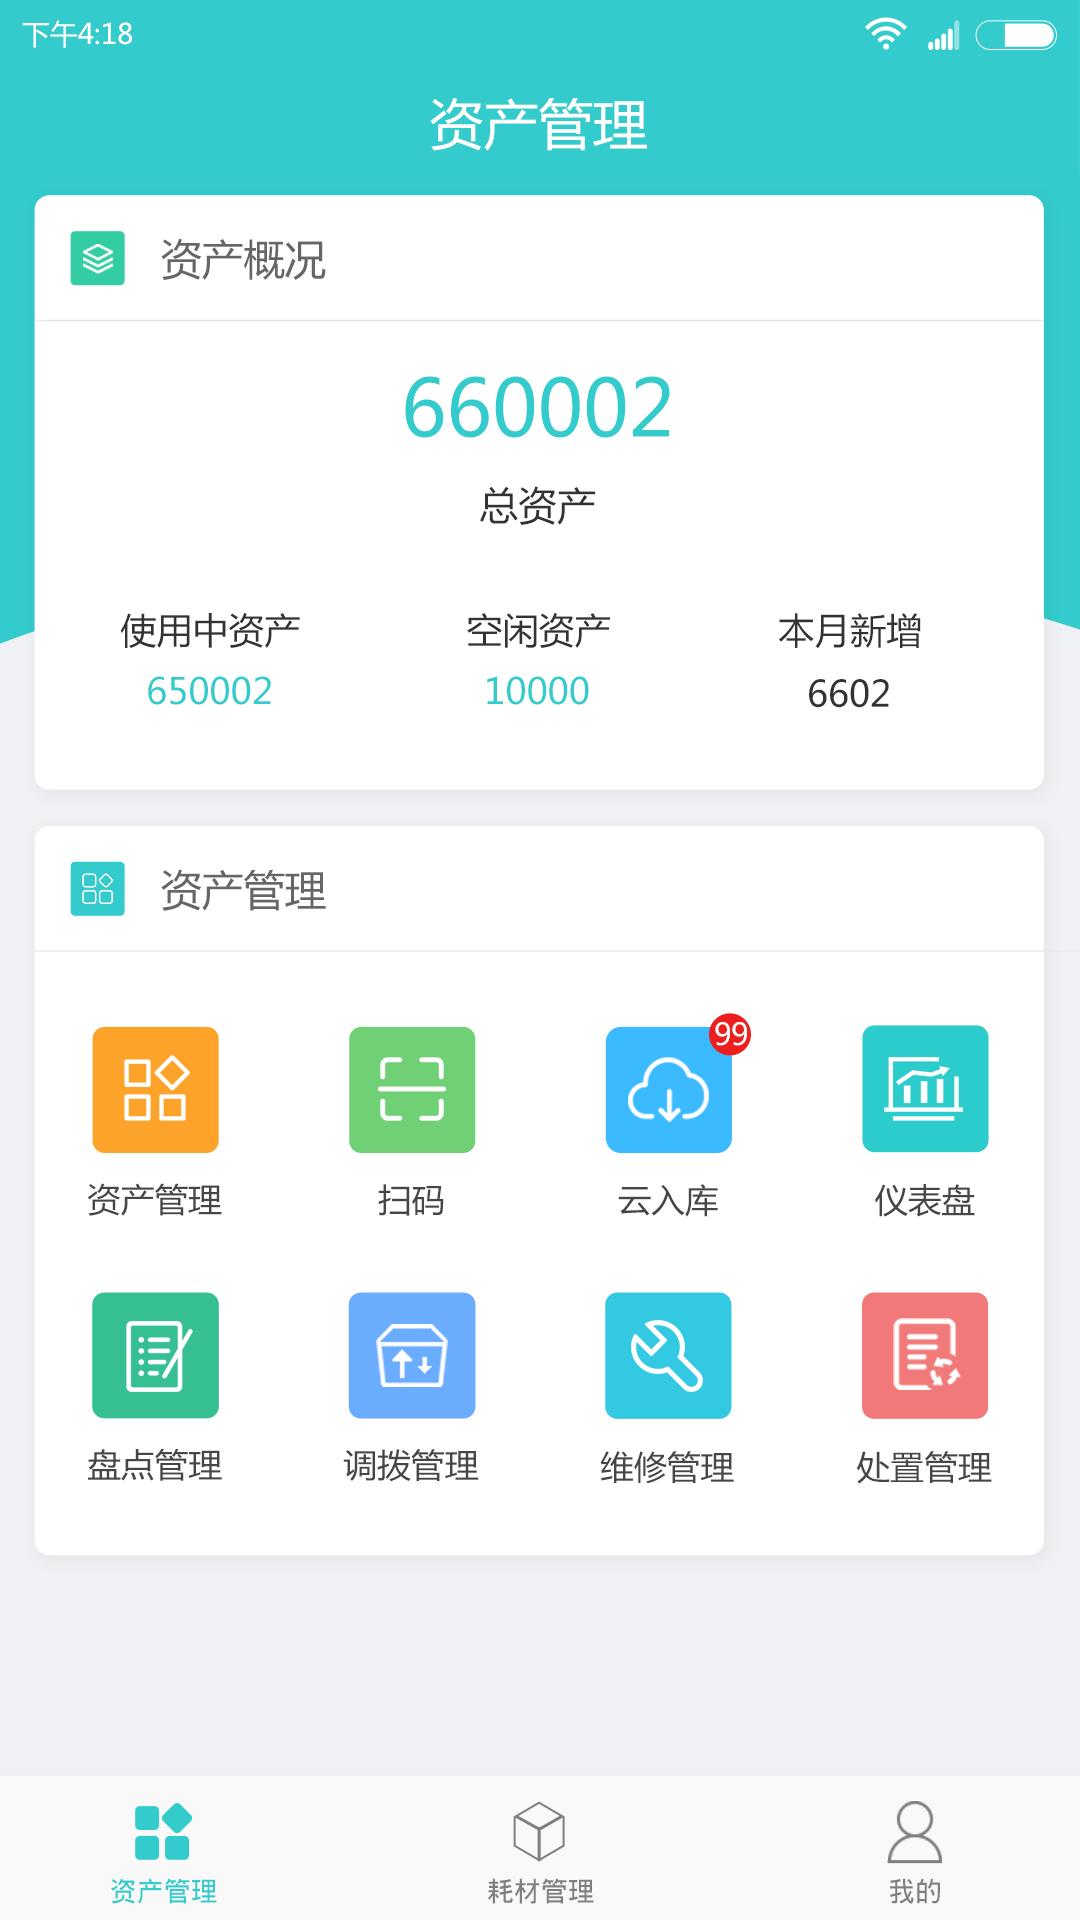 易盘点固定资产管理专家 V2.3.0 安卓版截图1